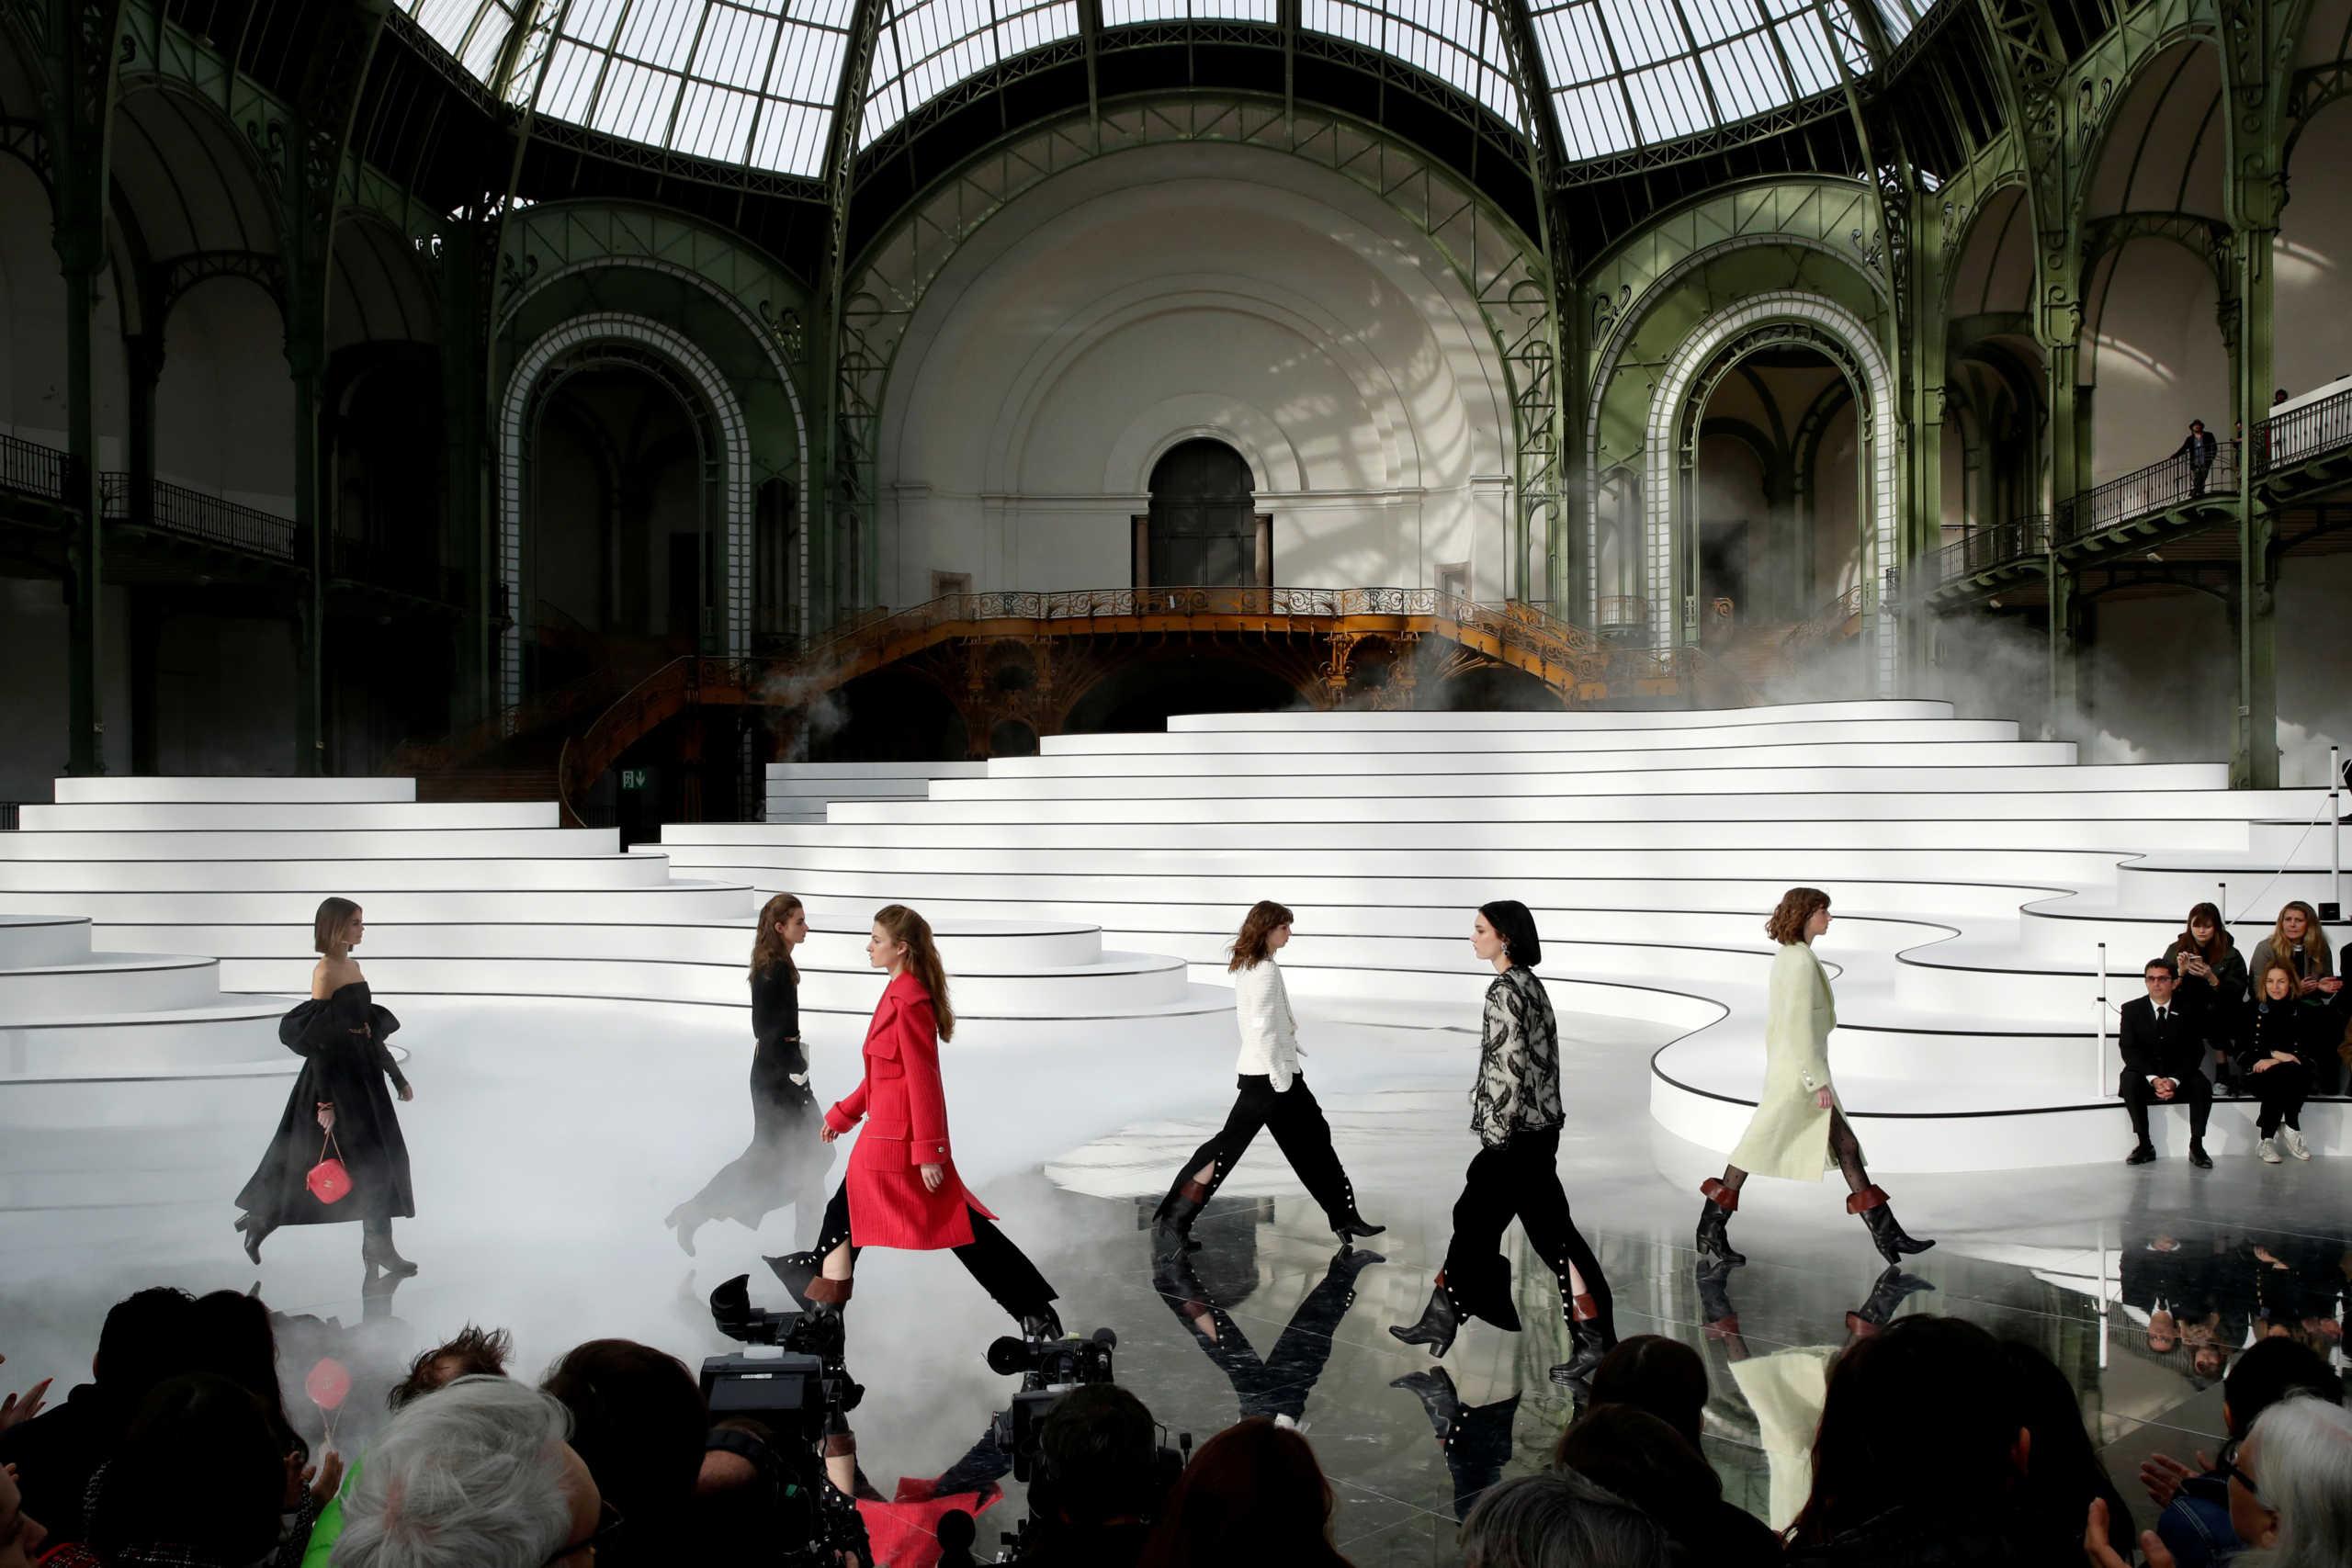 Λονδίνο: Από 17 έως 22 Σεπτεμβρίου θα διεξαχθεί η Εβδομάδα Μόδας